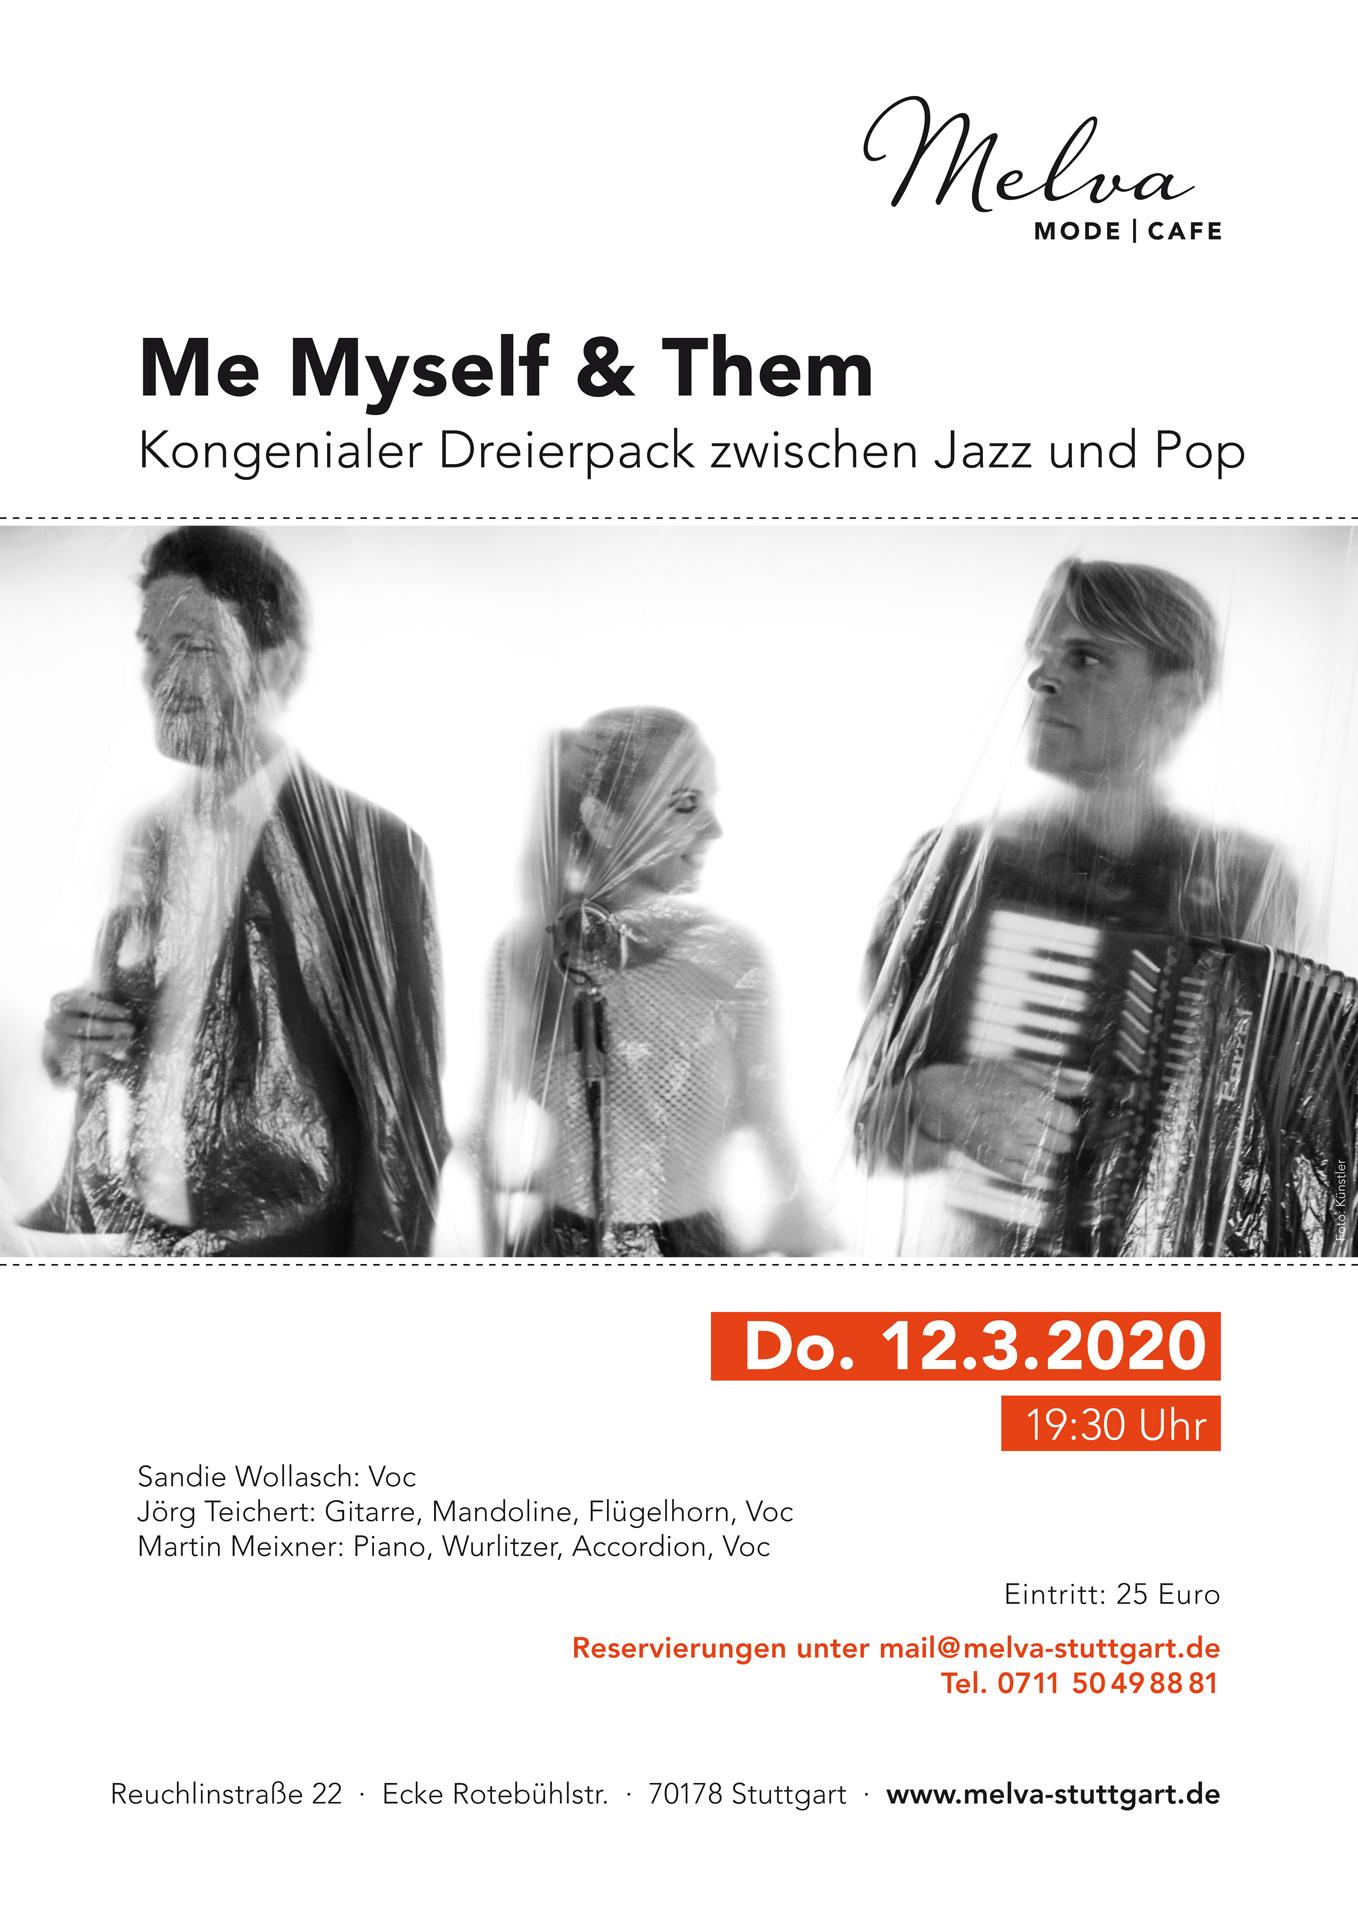 200312 Melva Konzerte Plakat A3 Me Myself.indd